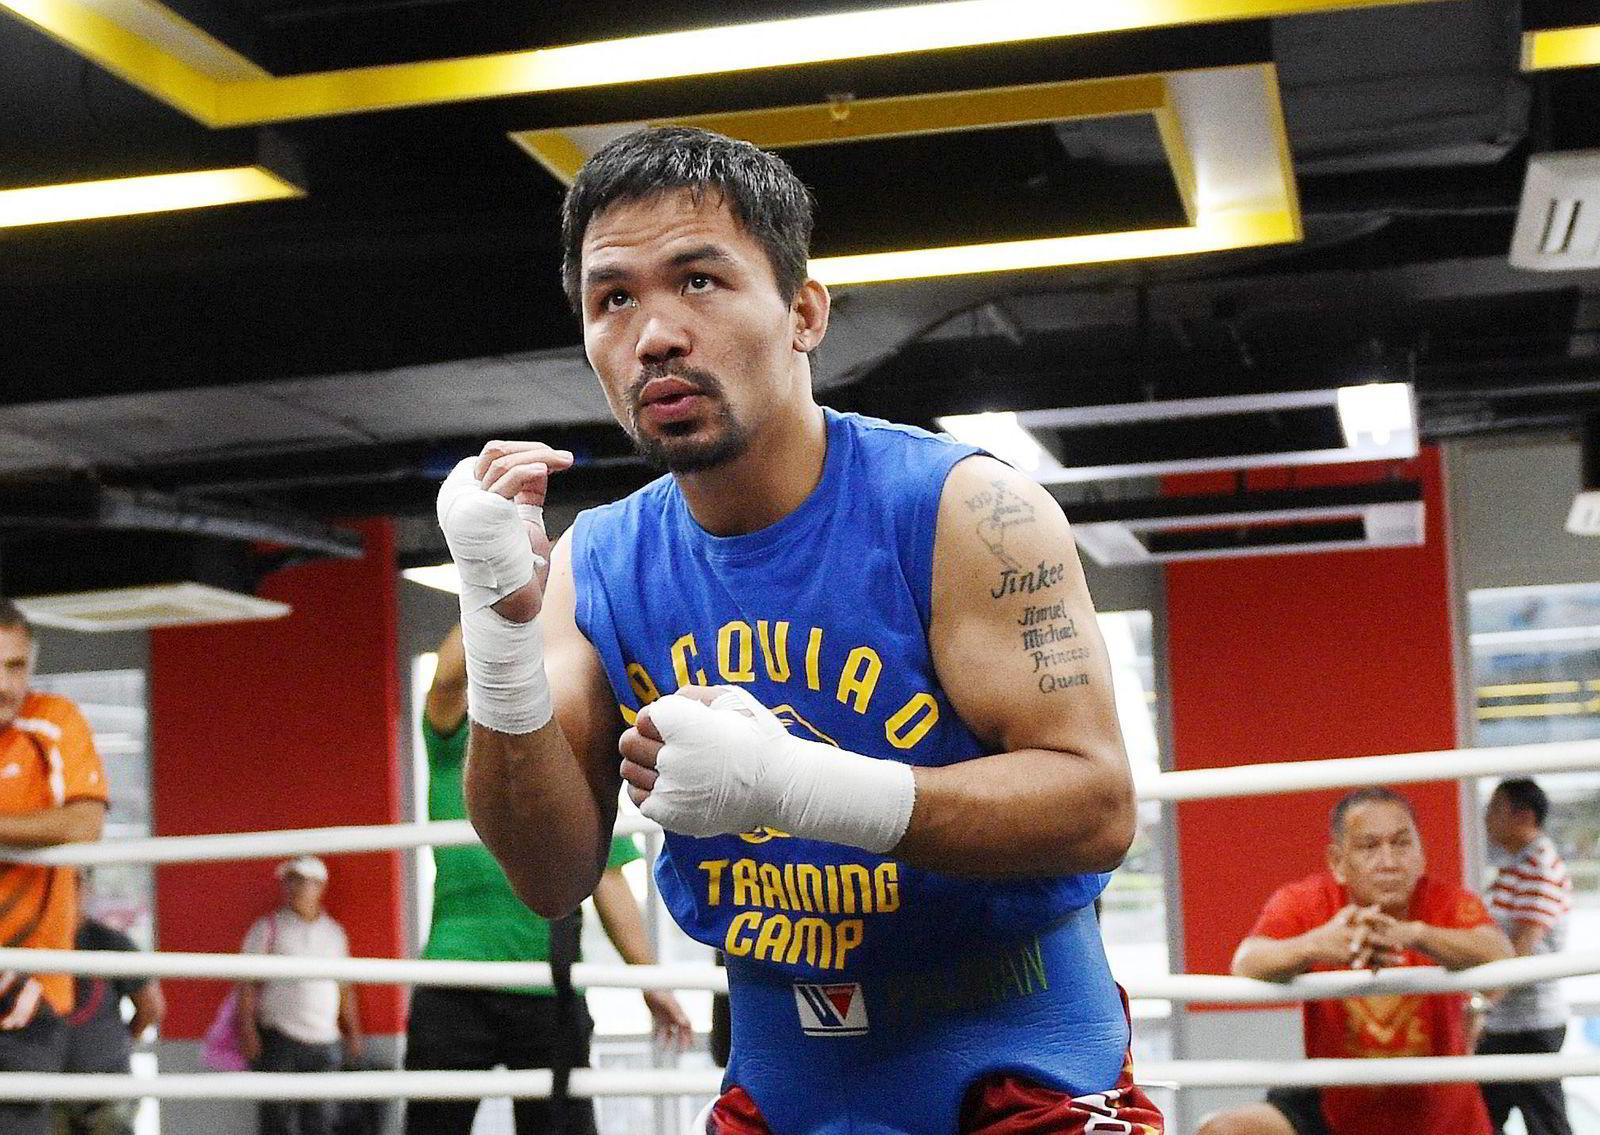 Nike avsluttet sin avtale med den filippinske boksestjernen Manny Pacquiao i februar 2016 etter at han uttalte at homofile var verre enn dyr.